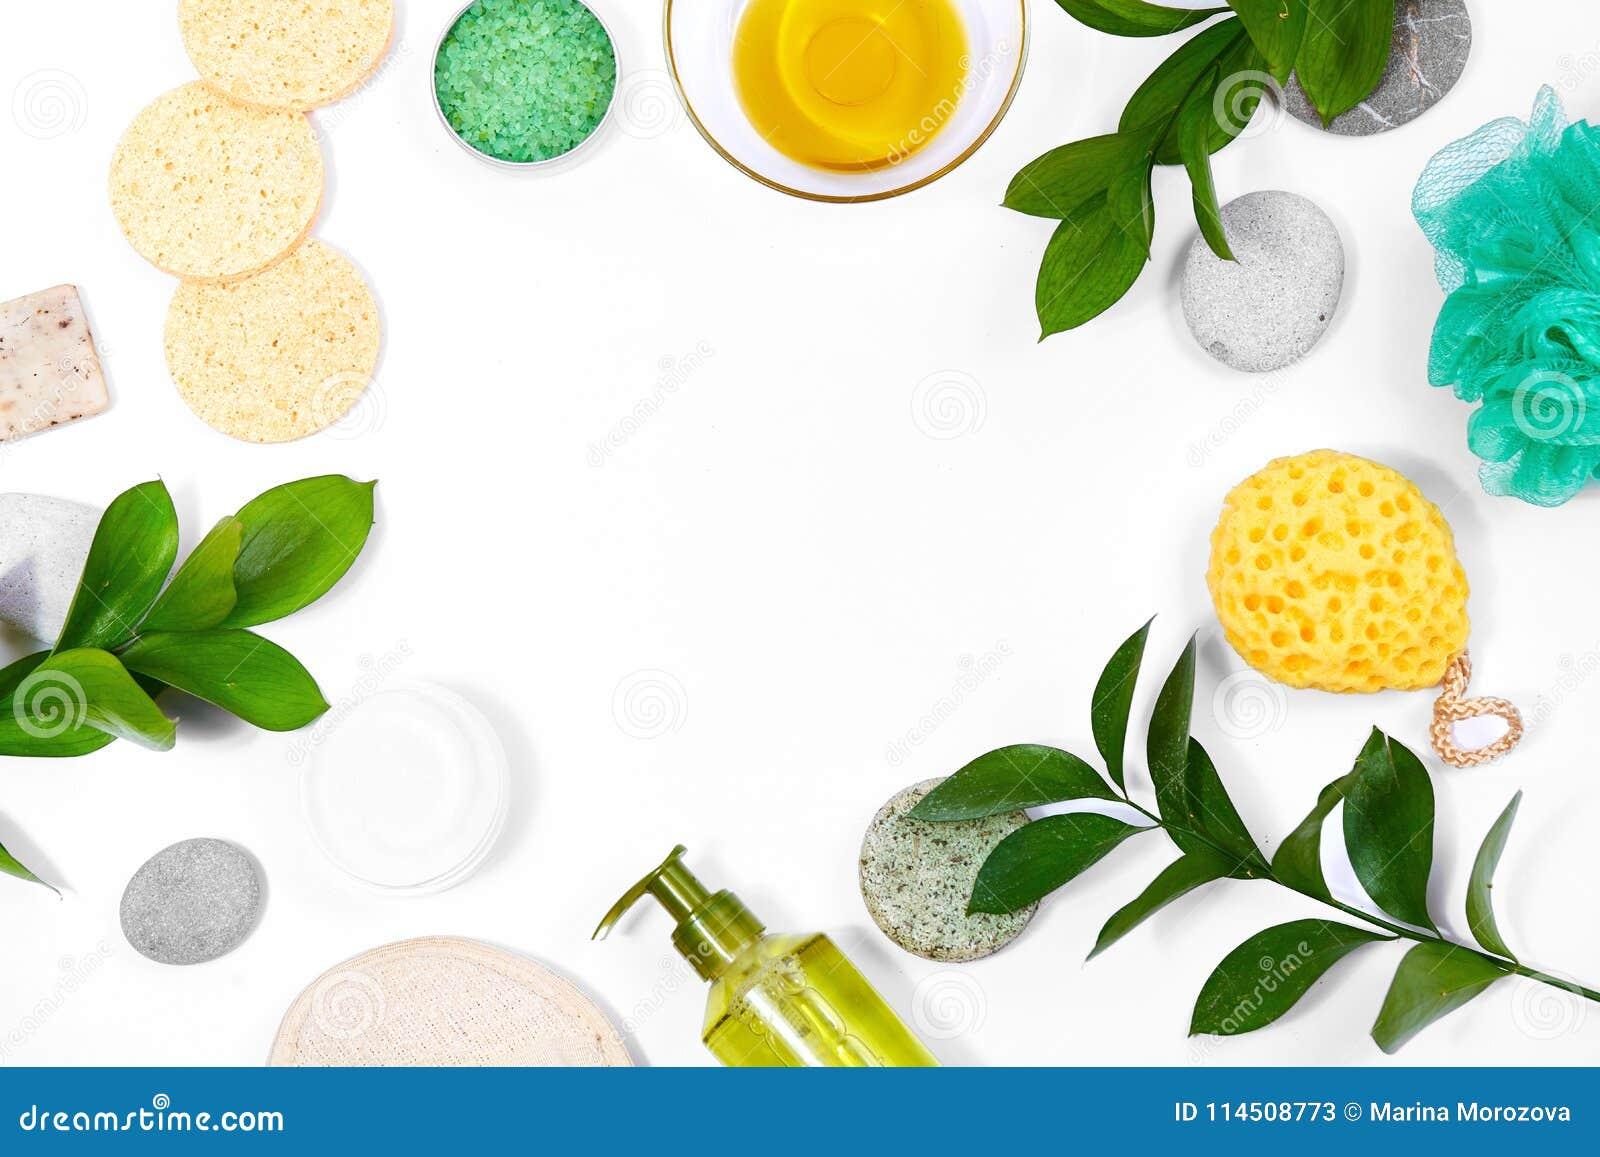 Υπόβαθρο SPA με τα εξαρτήματα λουτρών, το πρόσωπο και την προσοχή σώματος Σύνολο για την προσωπική φροντίδα Καθαρό δέρμα με τη βο